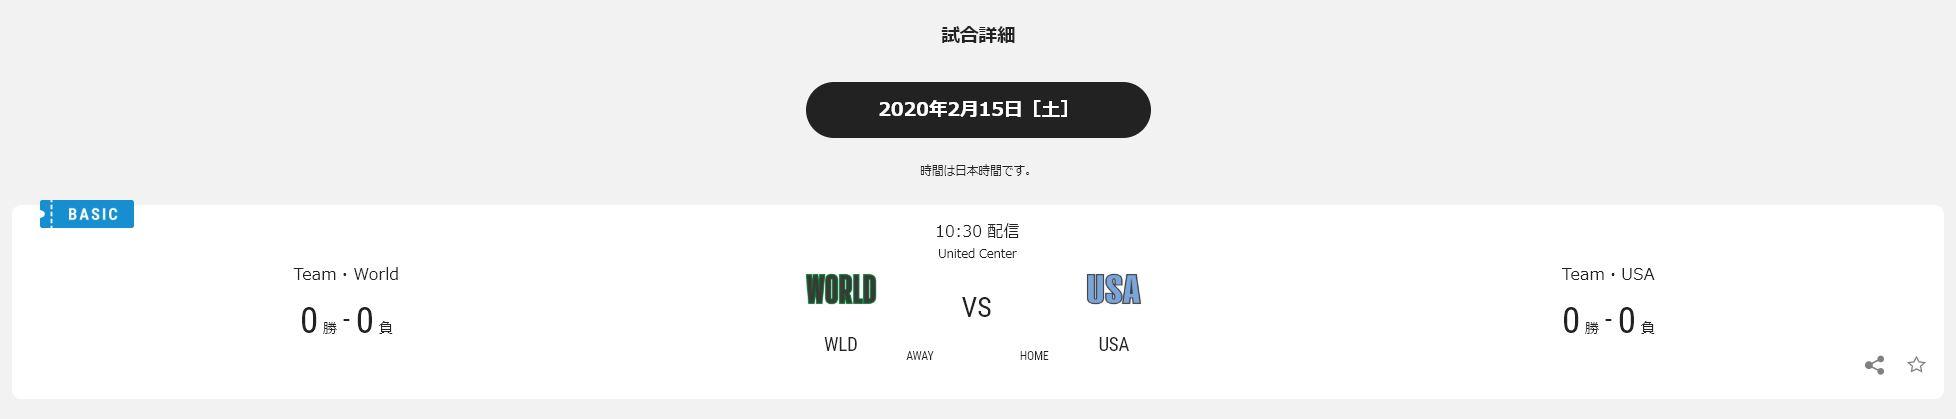 NBAライジングスターはNBA RakutenのBasic Passで視聴可能(初月無料お試しアリ)